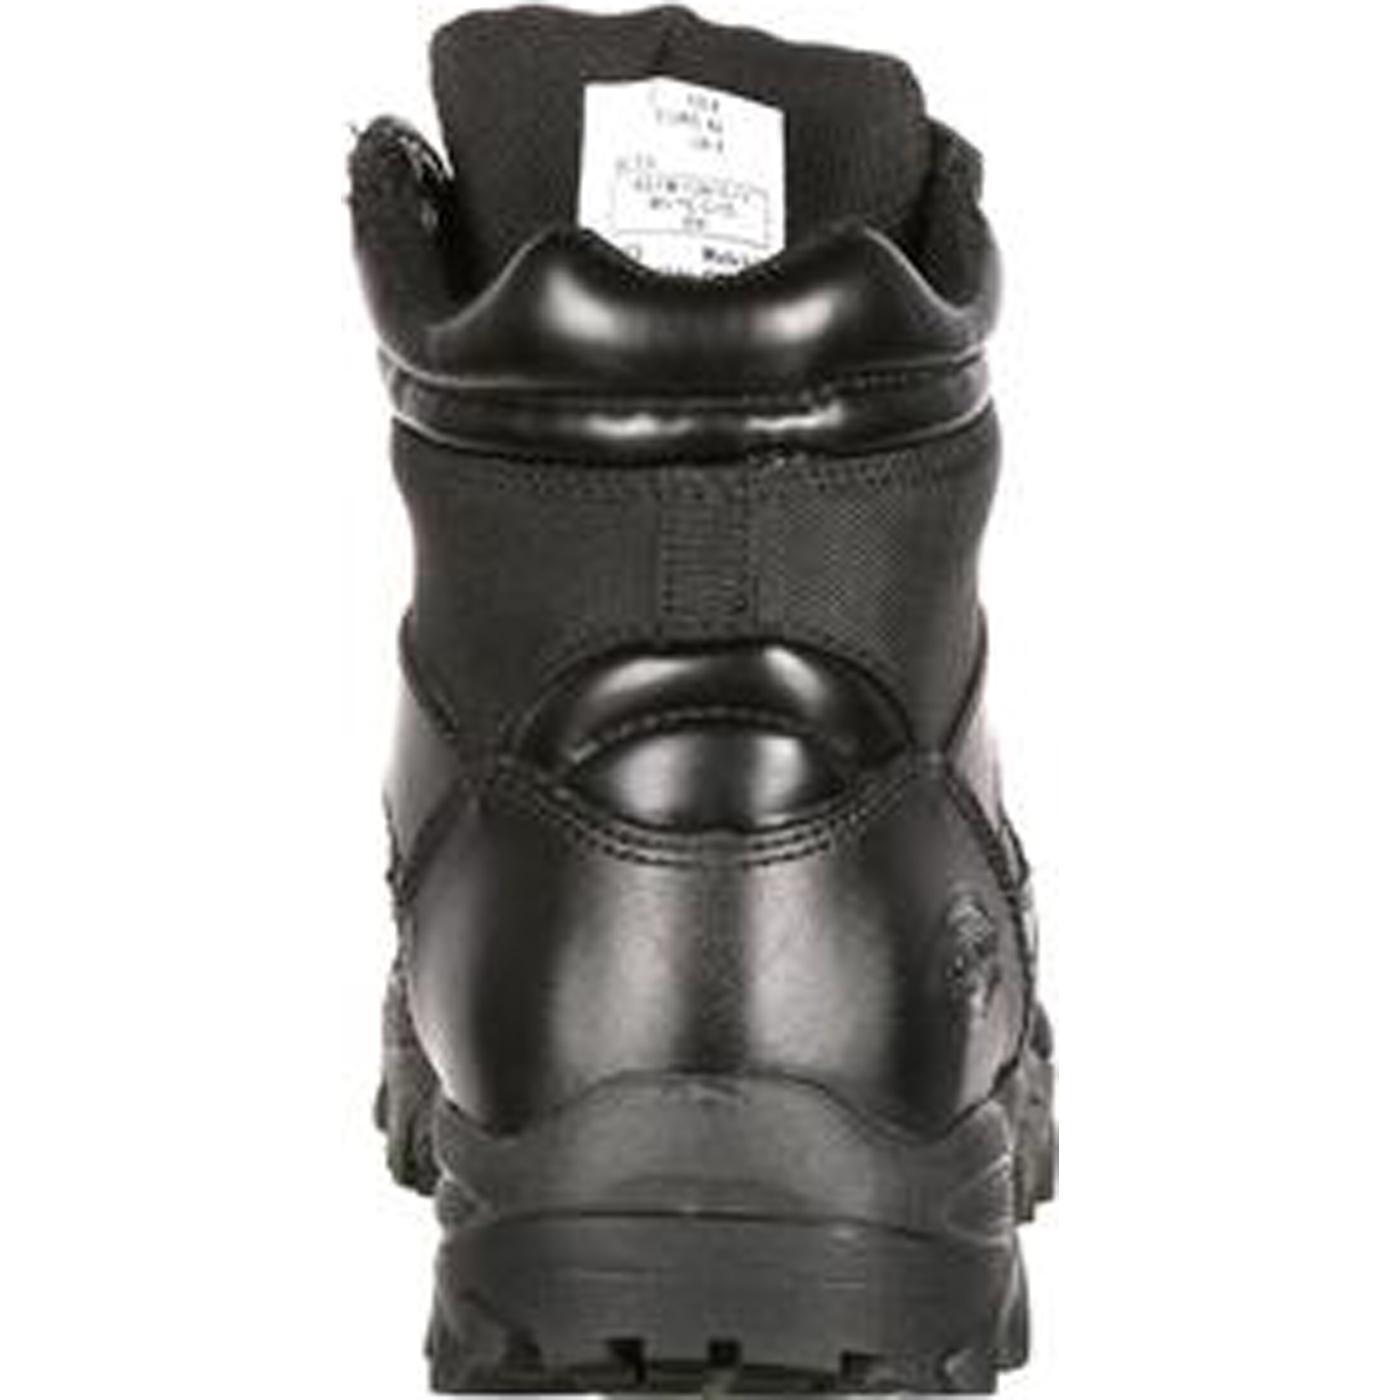 992998c5d0 Dickies Spear Steel Toe Work BootDickies Spear Steel Toe Work Boot,.  Loading zoom